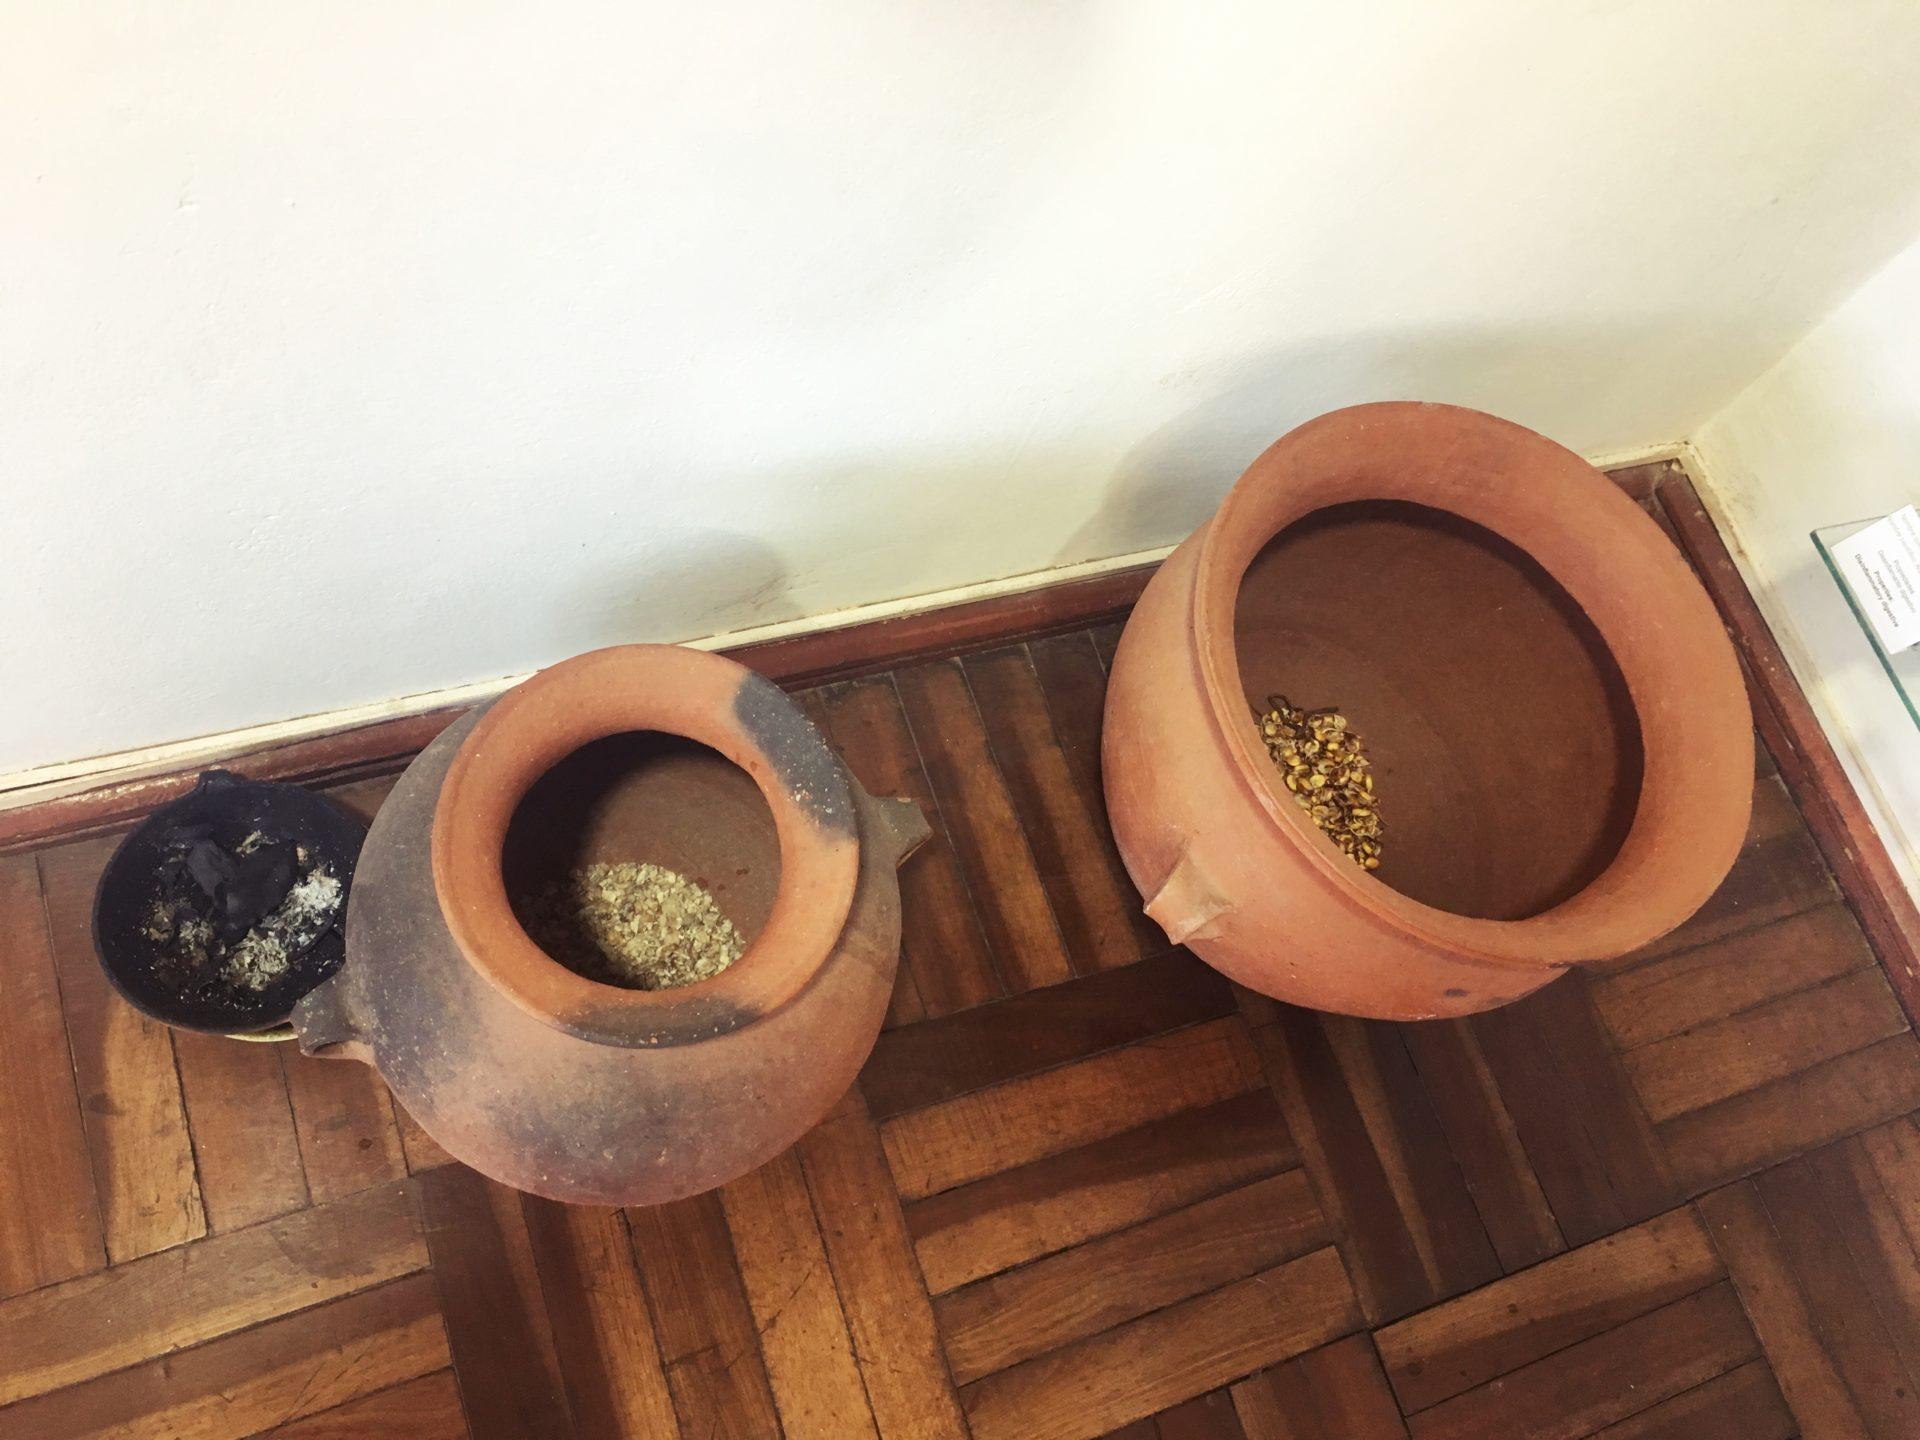 ペルー, クスコ, 博物館, ハーブ, アルマス広場